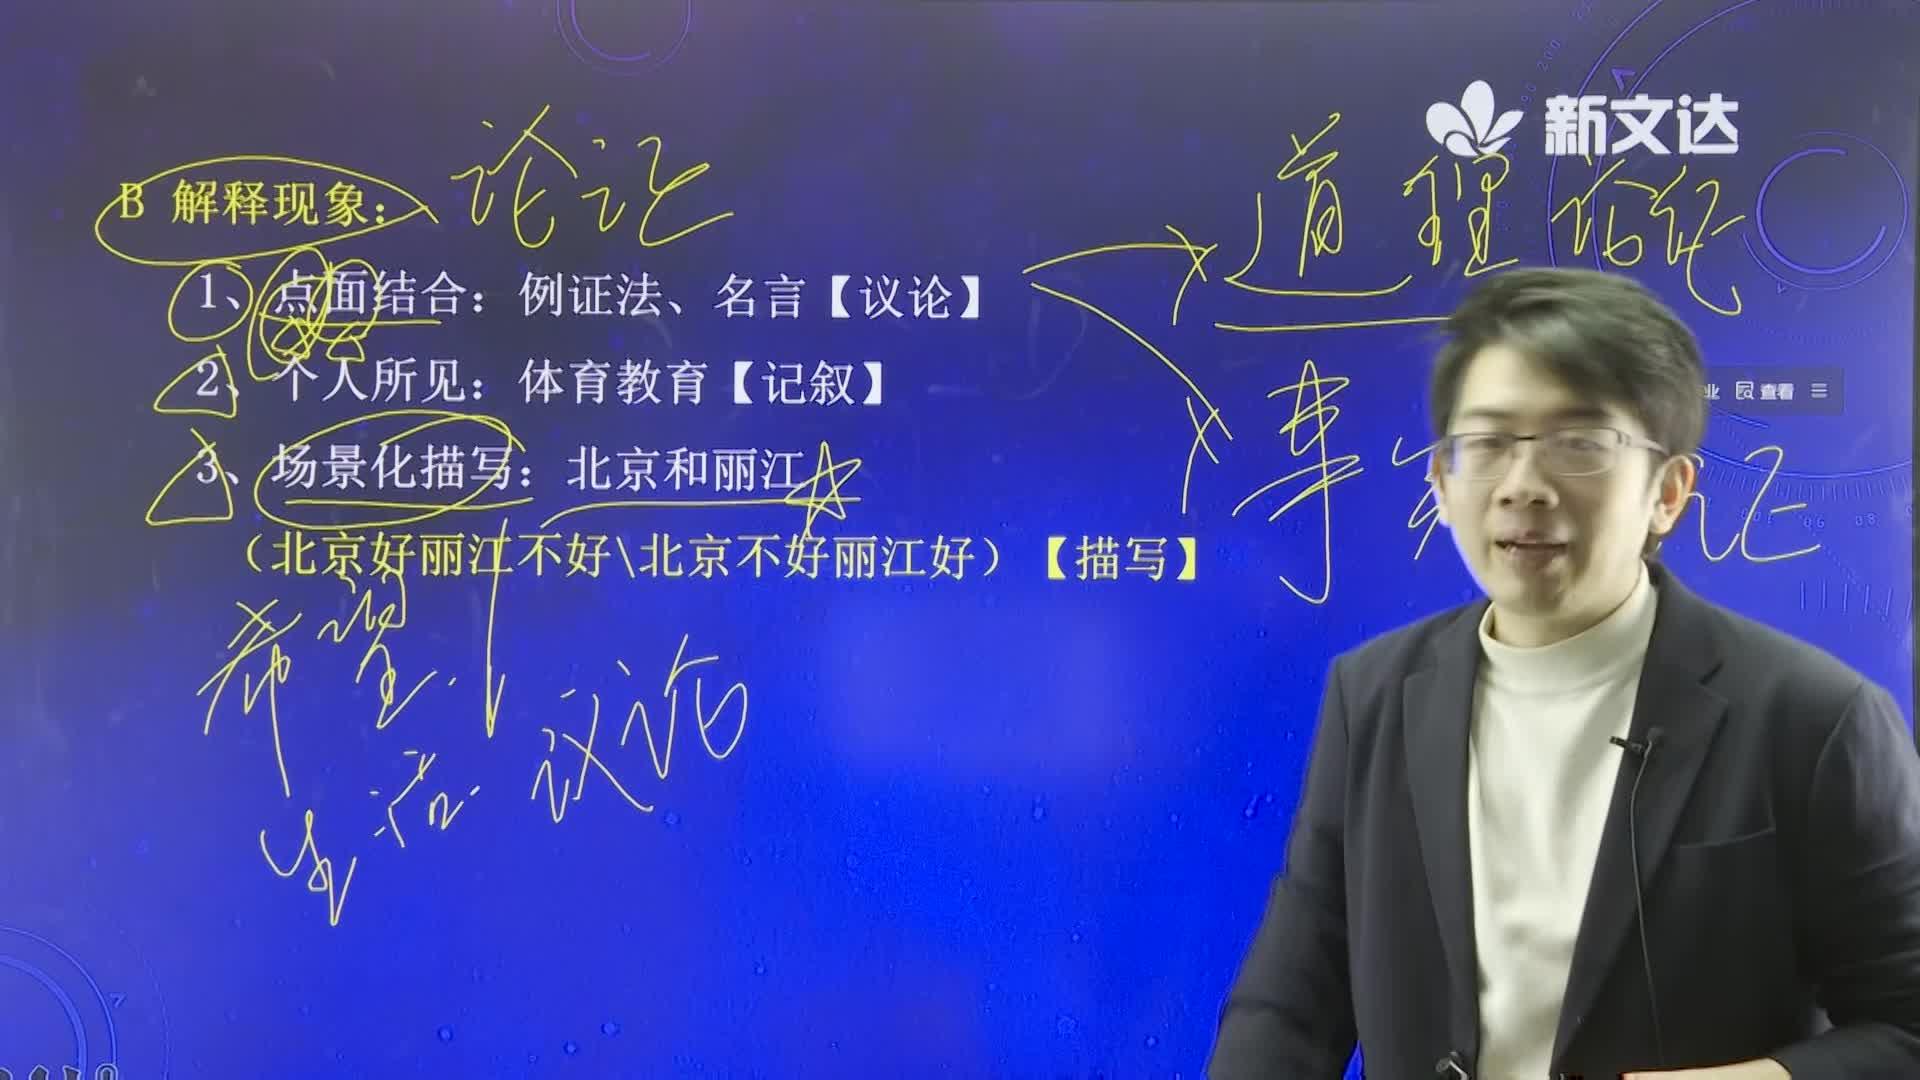 2-3【写作】审题方法体系(审题方法体系,拒绝空泛,打造框架思维)-【直击高考】清北老师教你写50分+一类文